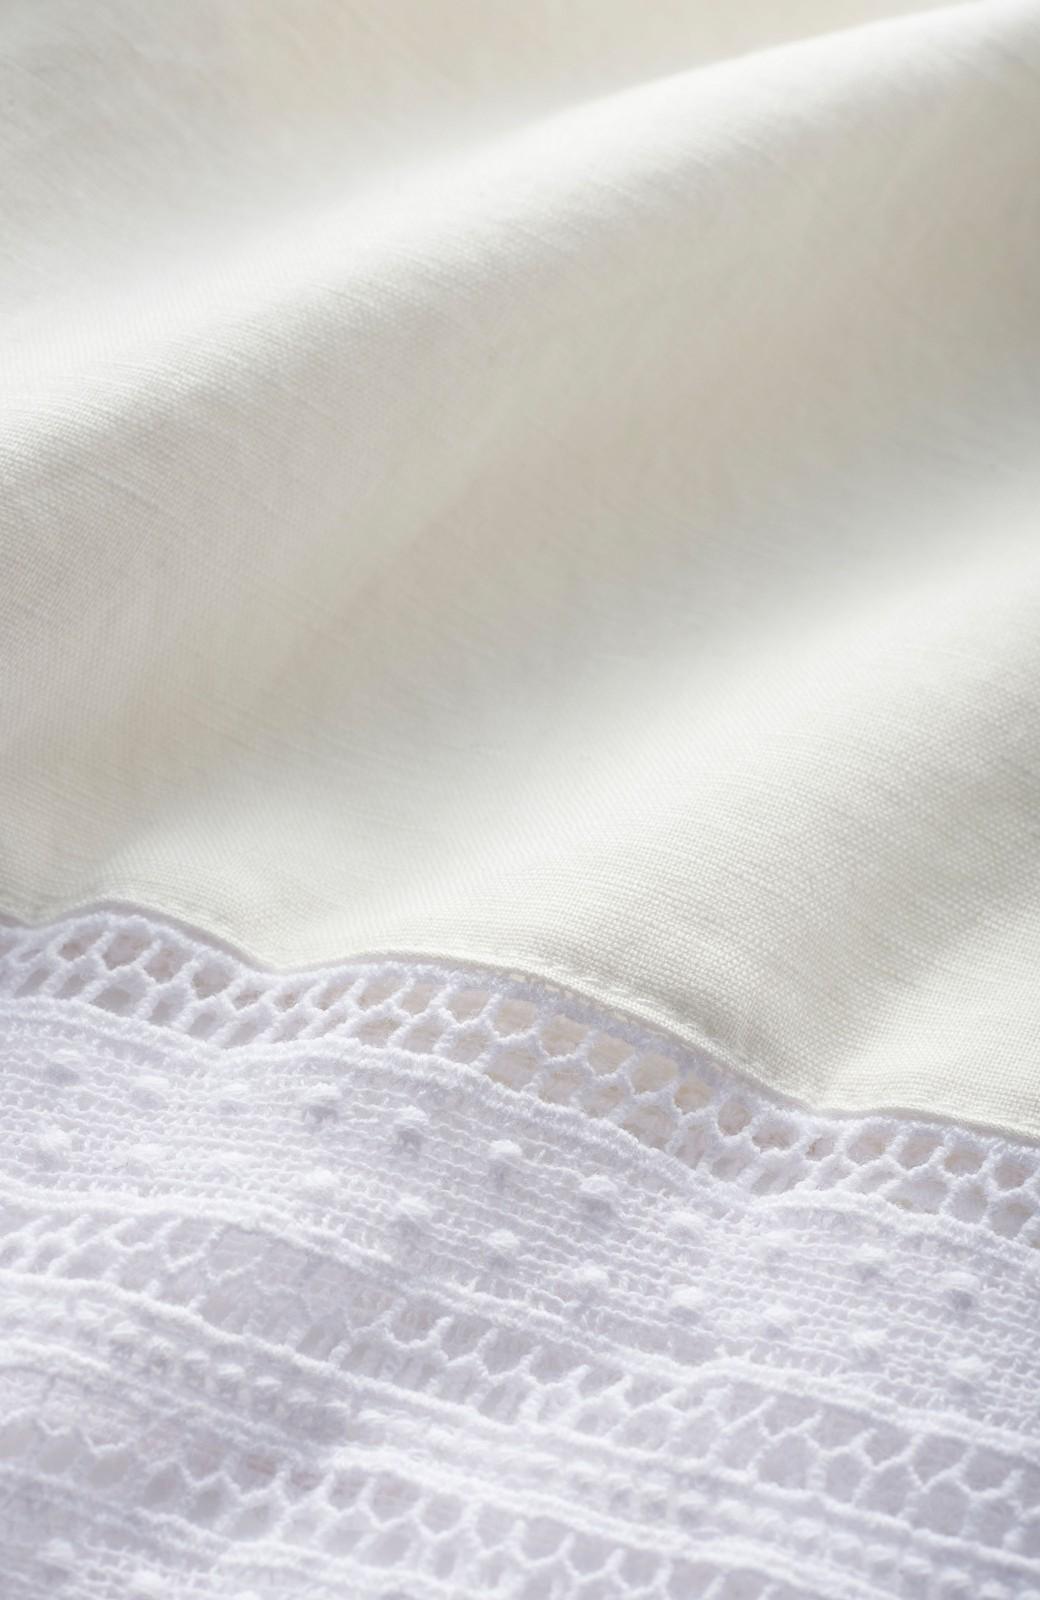 エムトロワ 着るほどになじむ 綿麻素材の袖レーストップス <ホワイト>の商品写真2